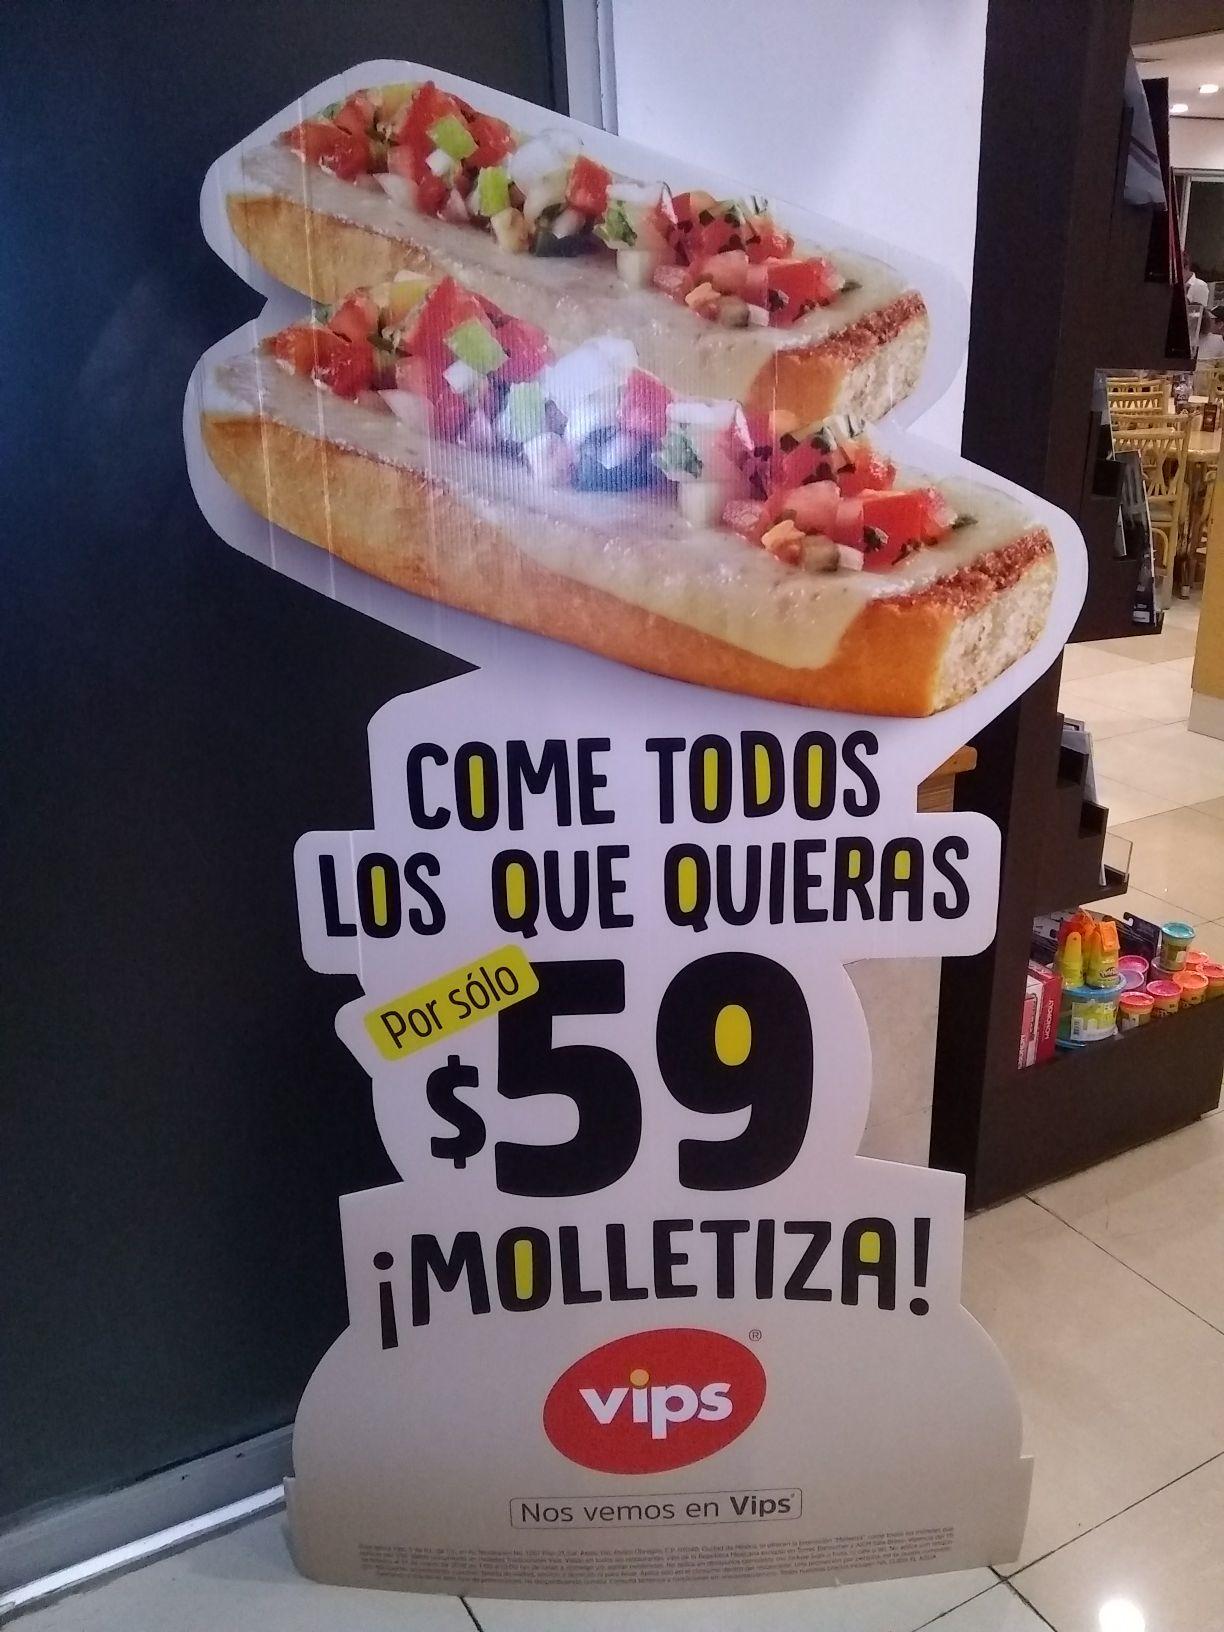 VIPS: Molletiza!!! Come todos los molletes que puedas por $59!